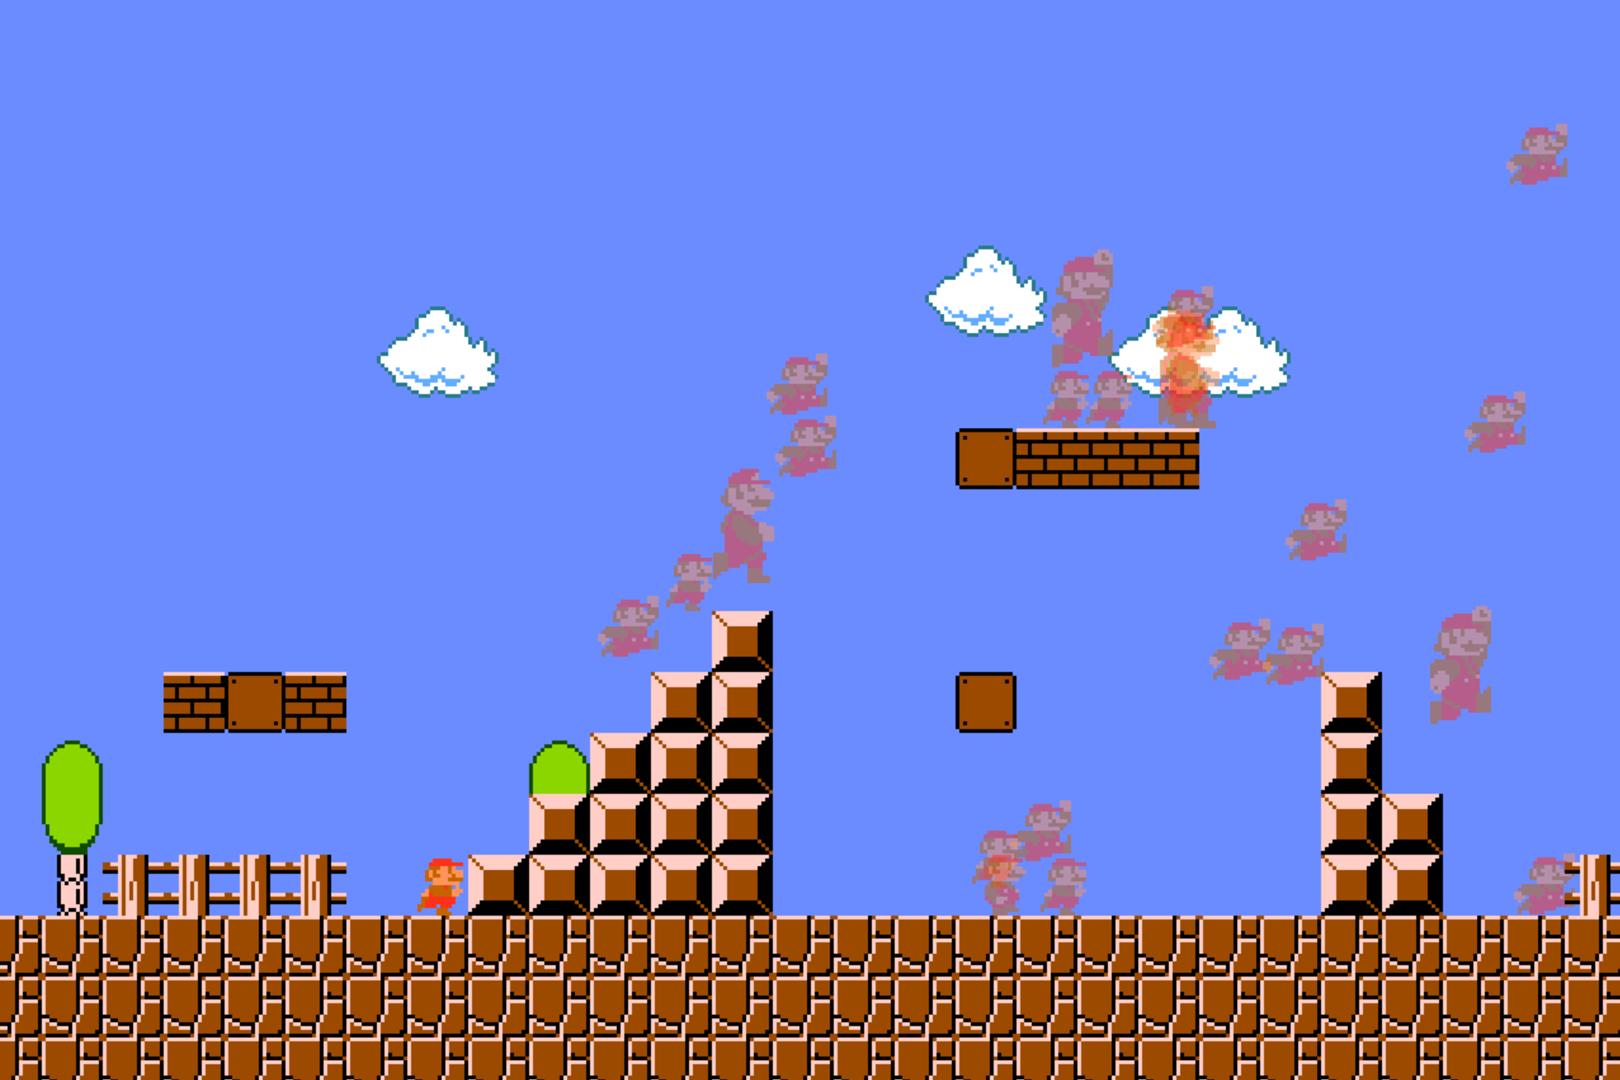 ถูกต้อง นี่คือ Mario Royale โดดเอาตัวรอดพร้อมกันเป็นหมู่คณะ